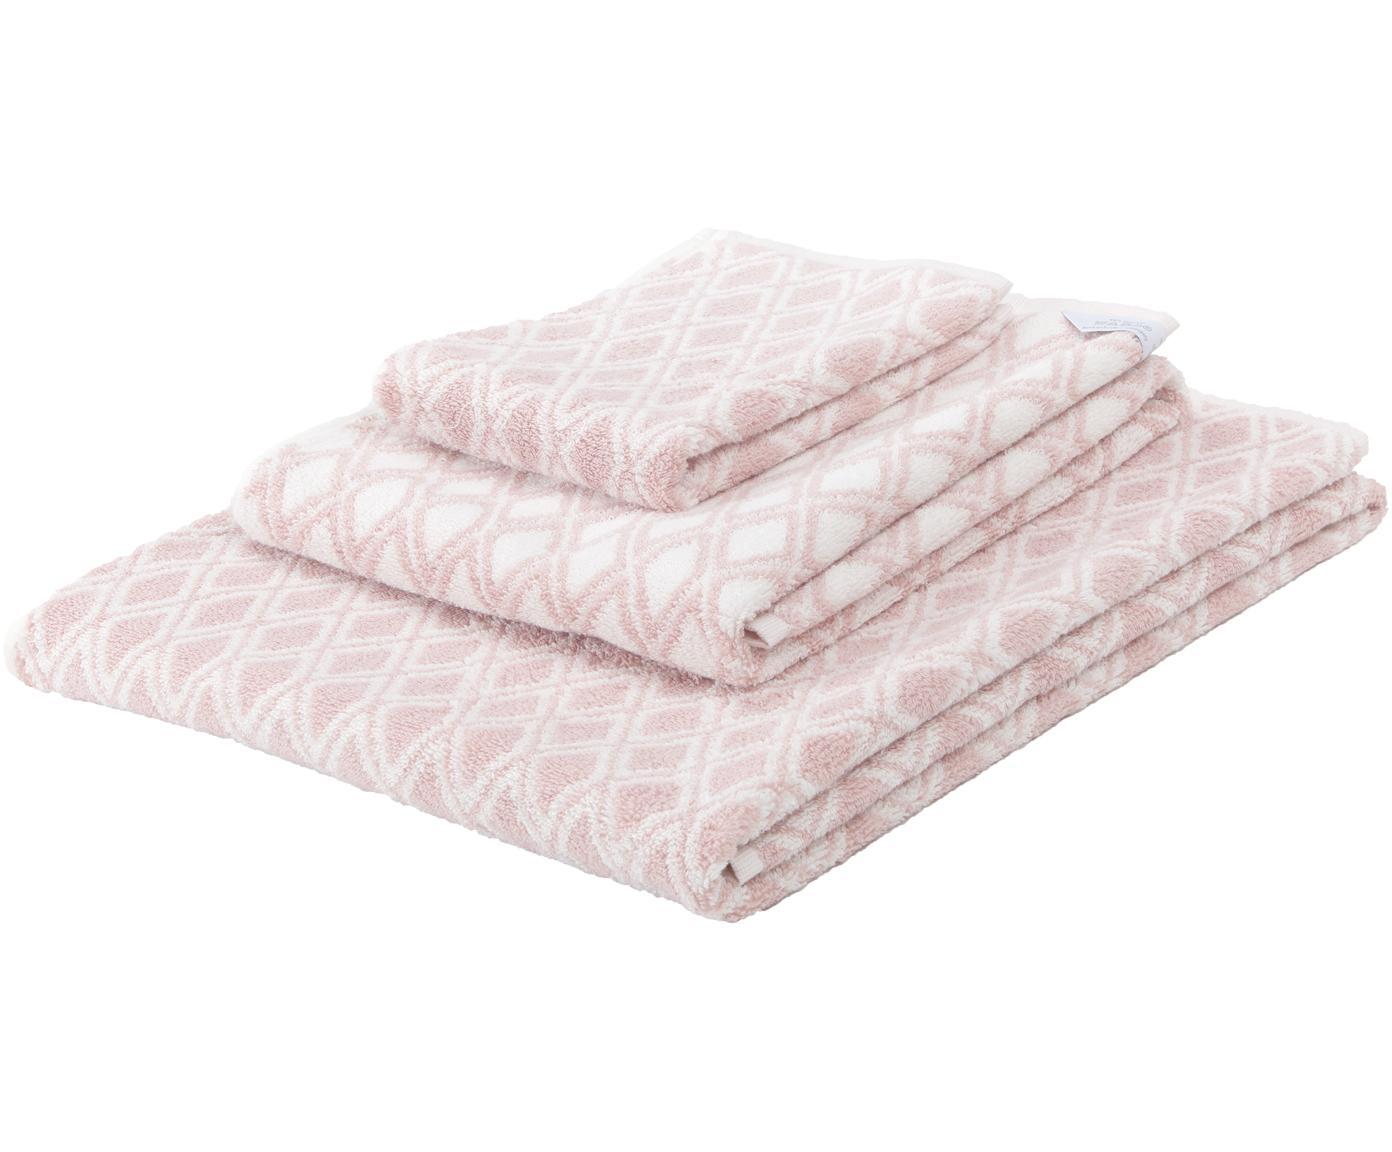 Komplet dwustronnych ręczników Ava, 3elem., Blady różowy, kremowobiały, Różne rozmiary